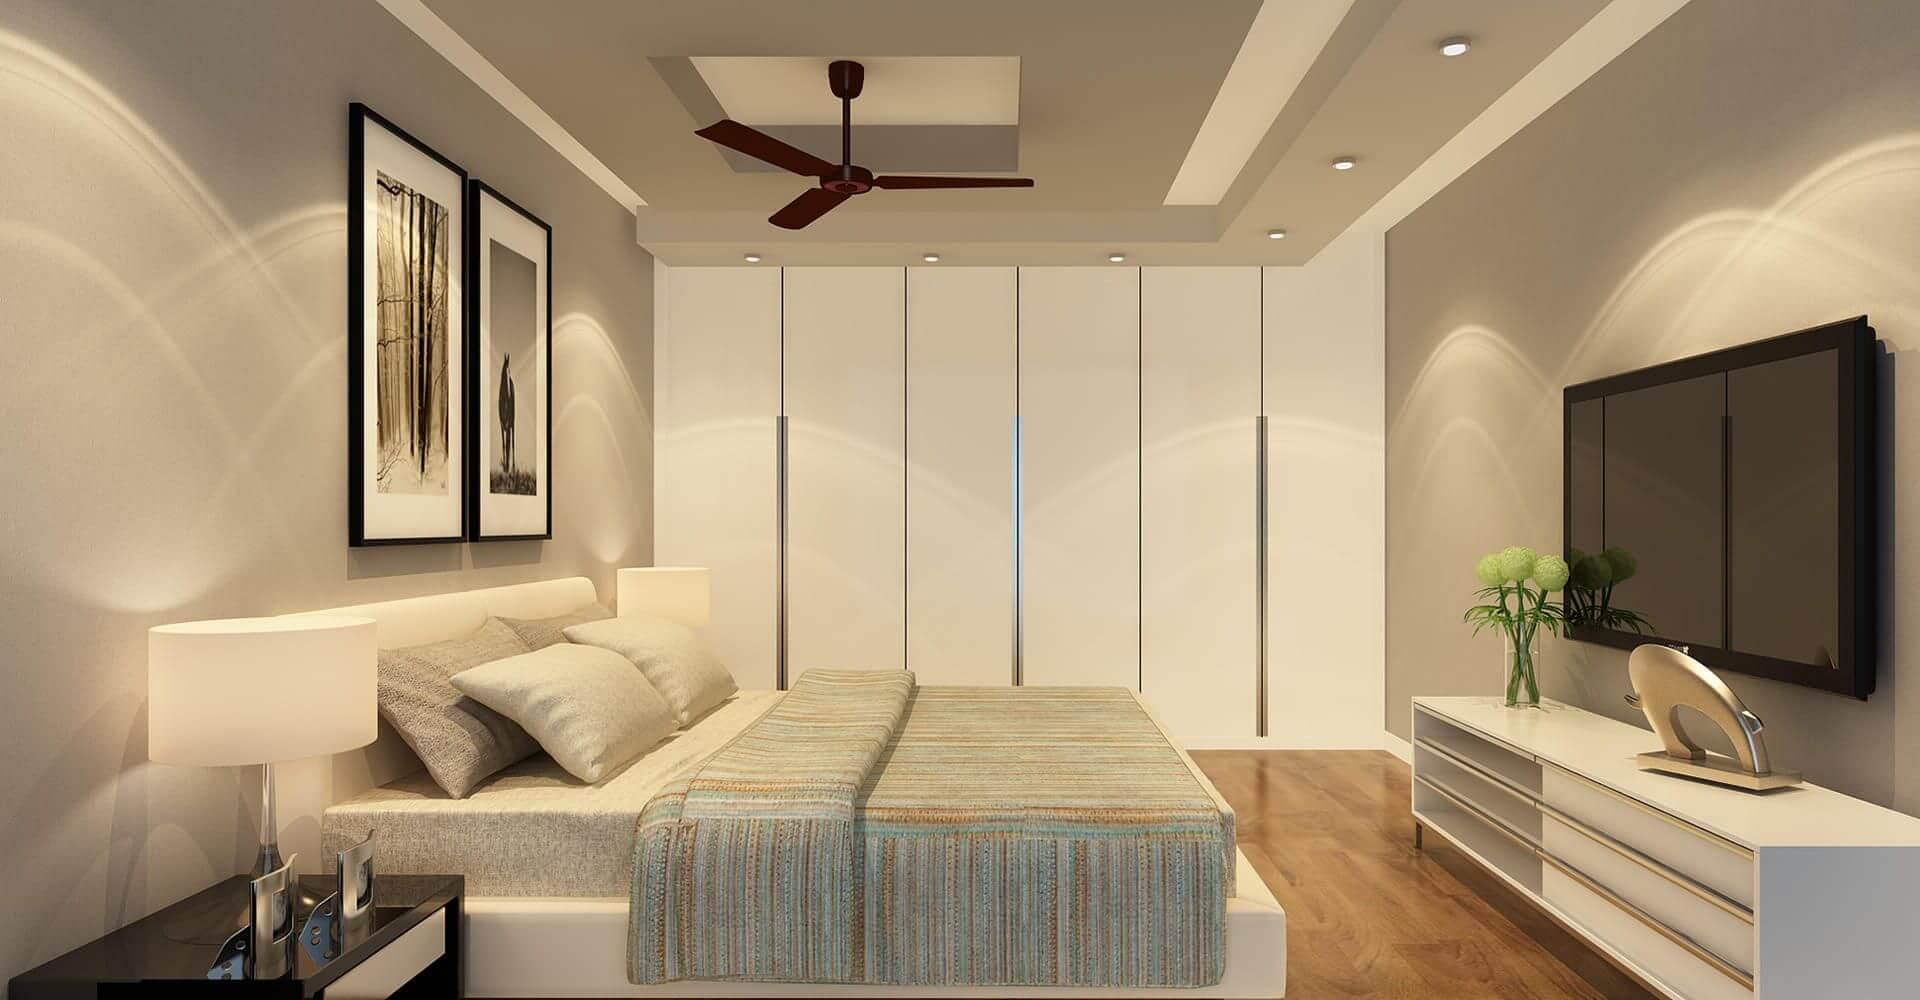 квадрат из гкл на потолке в спальне в стиле минимализм